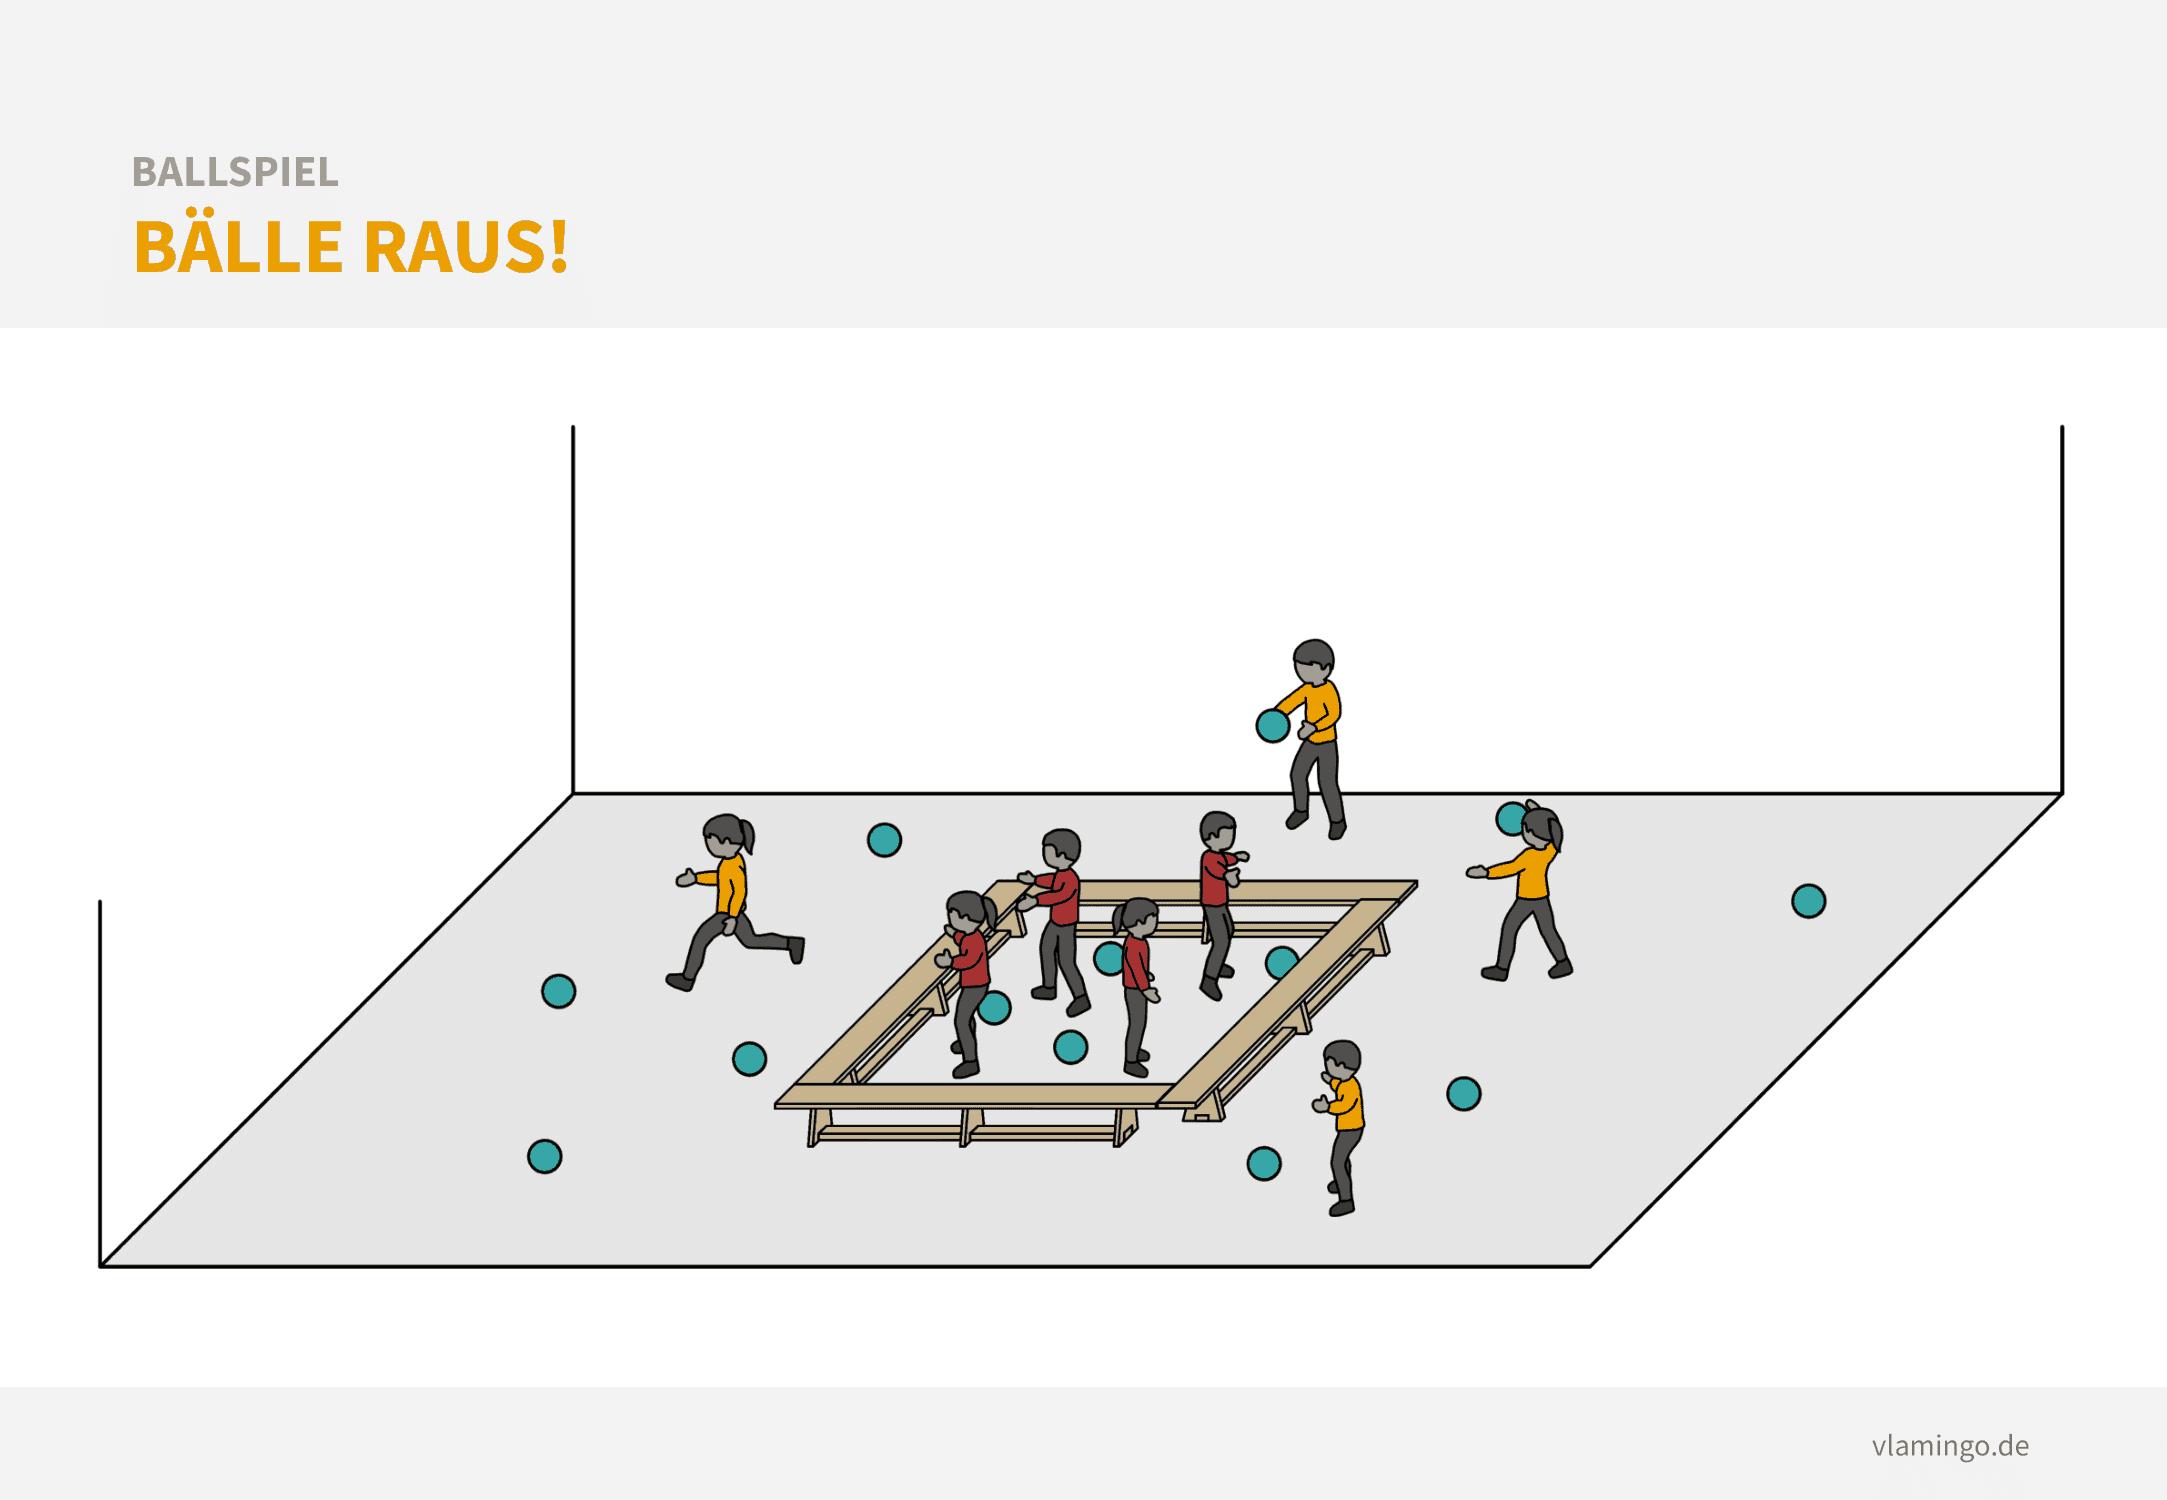 Ballspiel: Bälle raus!